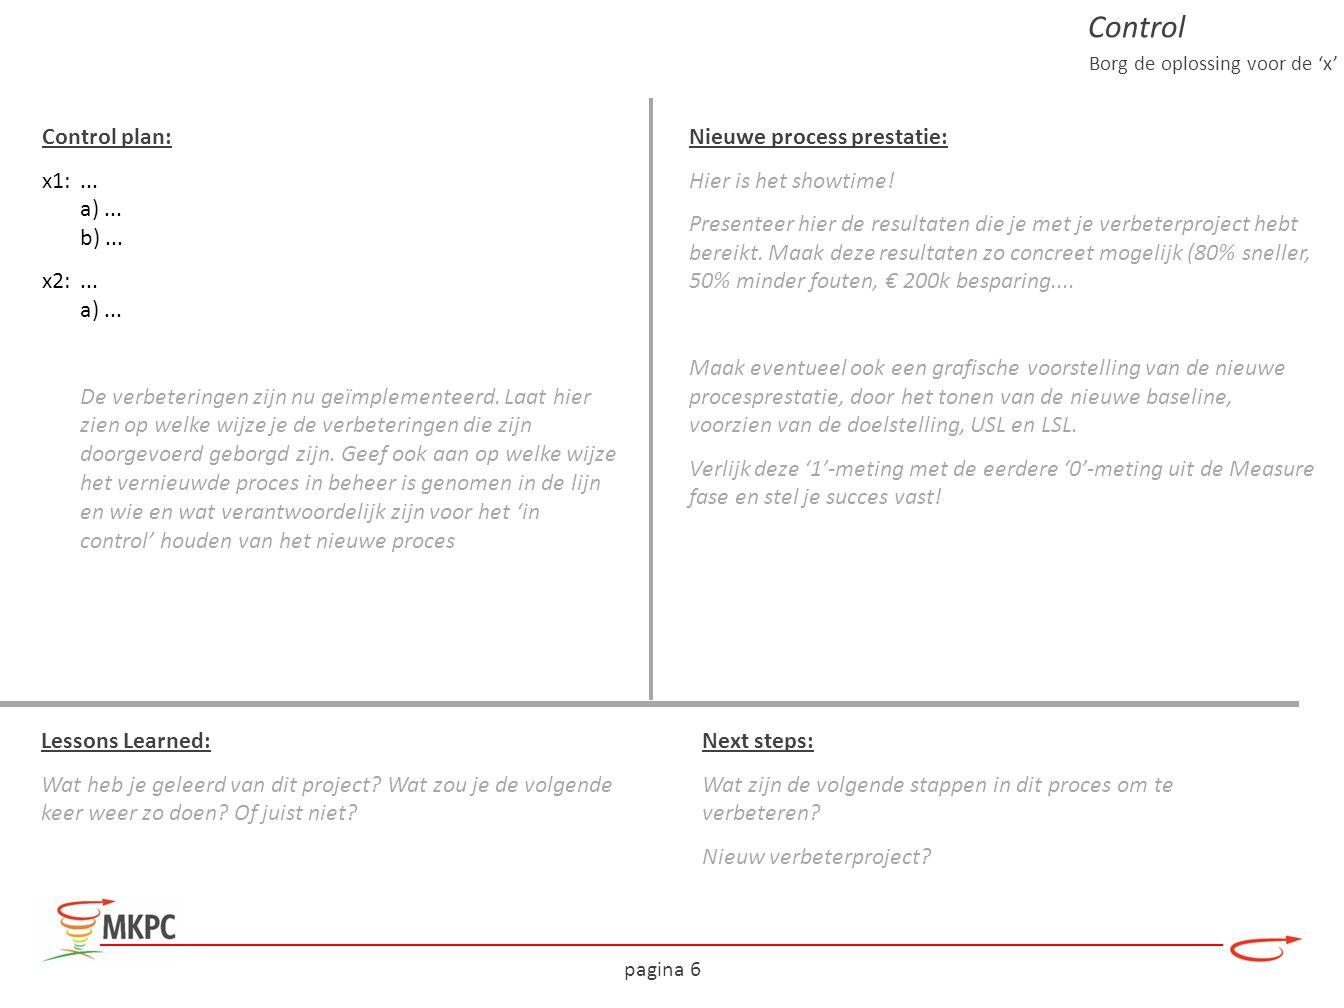 pagina 7 Bijlagen Plaats hierachter in chronologische volgorde alle (relevante) analyses en documenten die ten grondslag hebben gelegen aan de presentatie hiervoor.